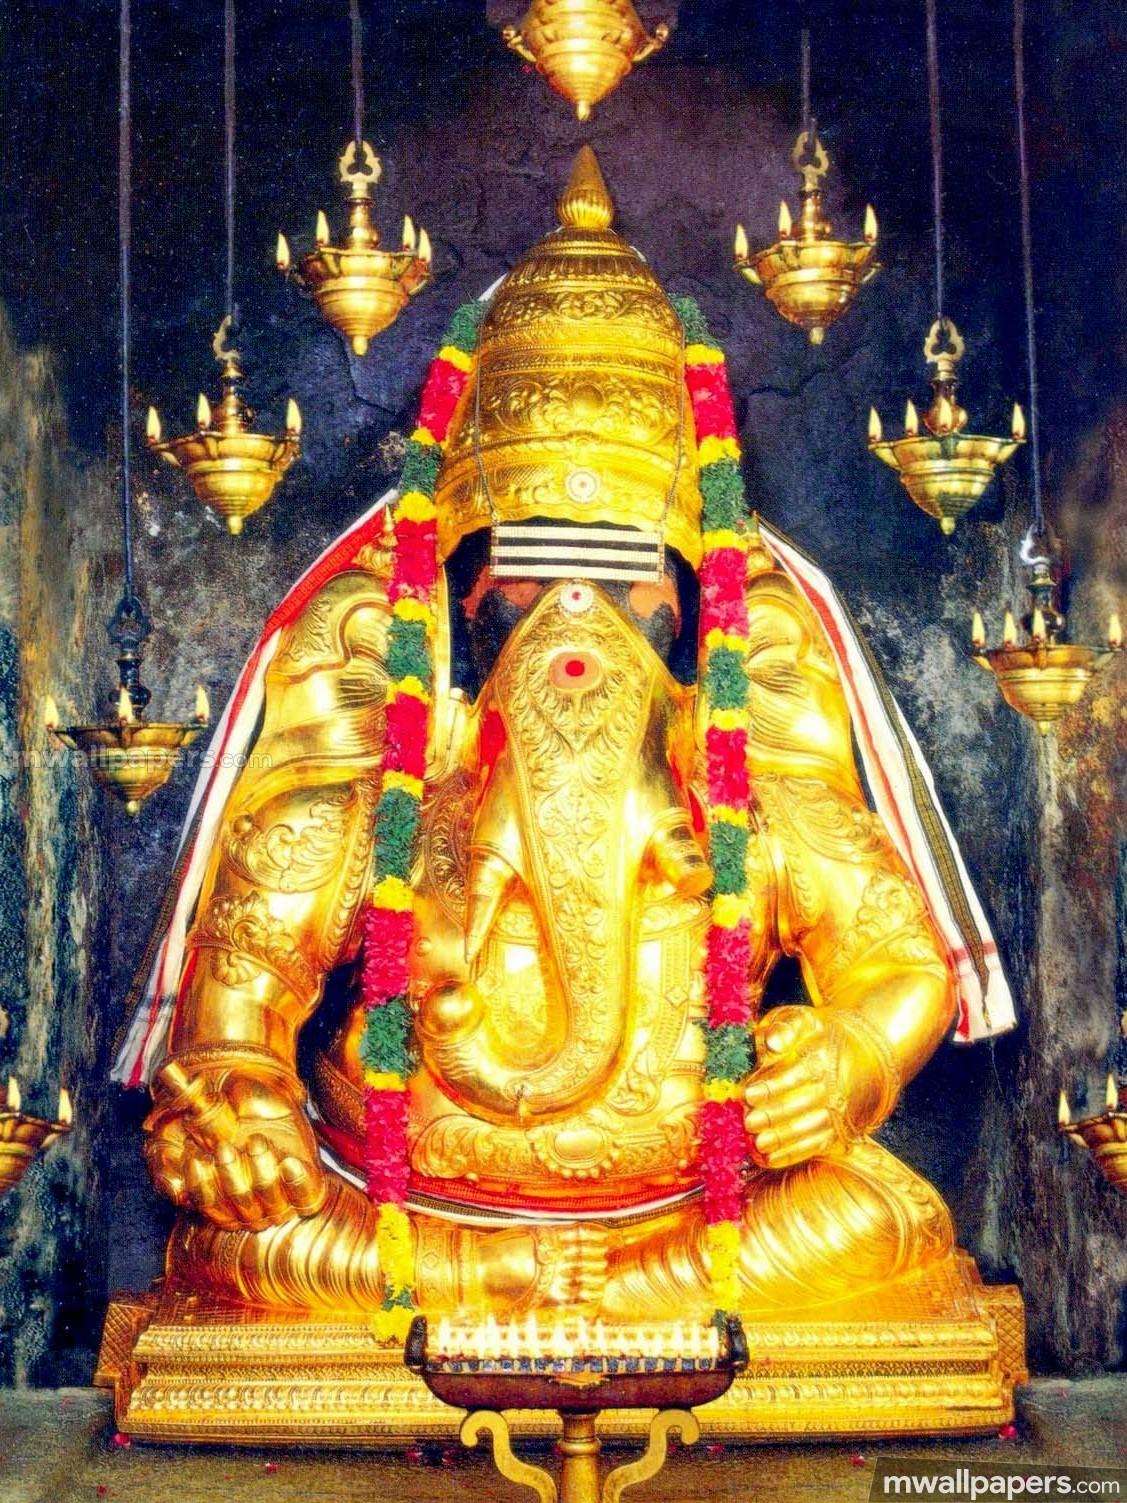 Best God Vinayagar Hd Photos 1080p 11176 Karpaga Vinayagar 1127x1503 Wallpaper Teahub Io